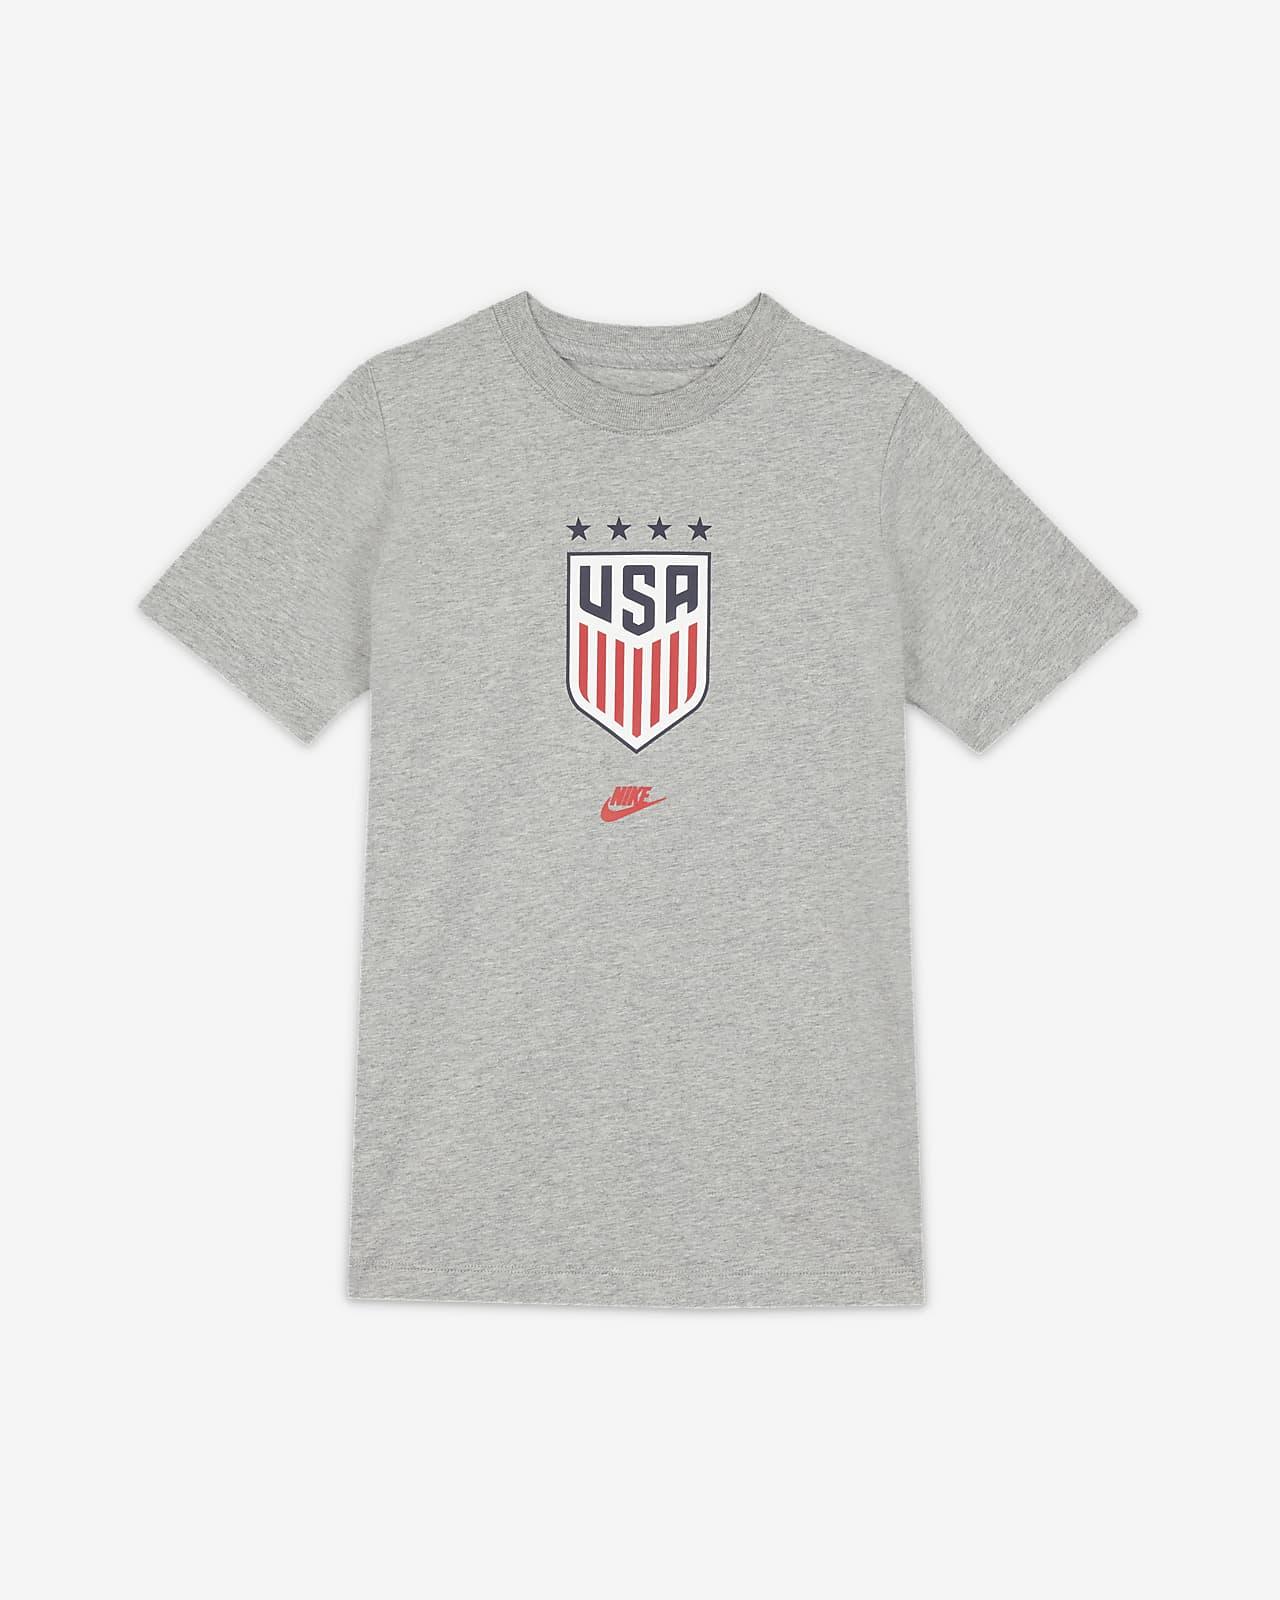 U.S. (4-Star) Big Kids' Soccer T-Shirt